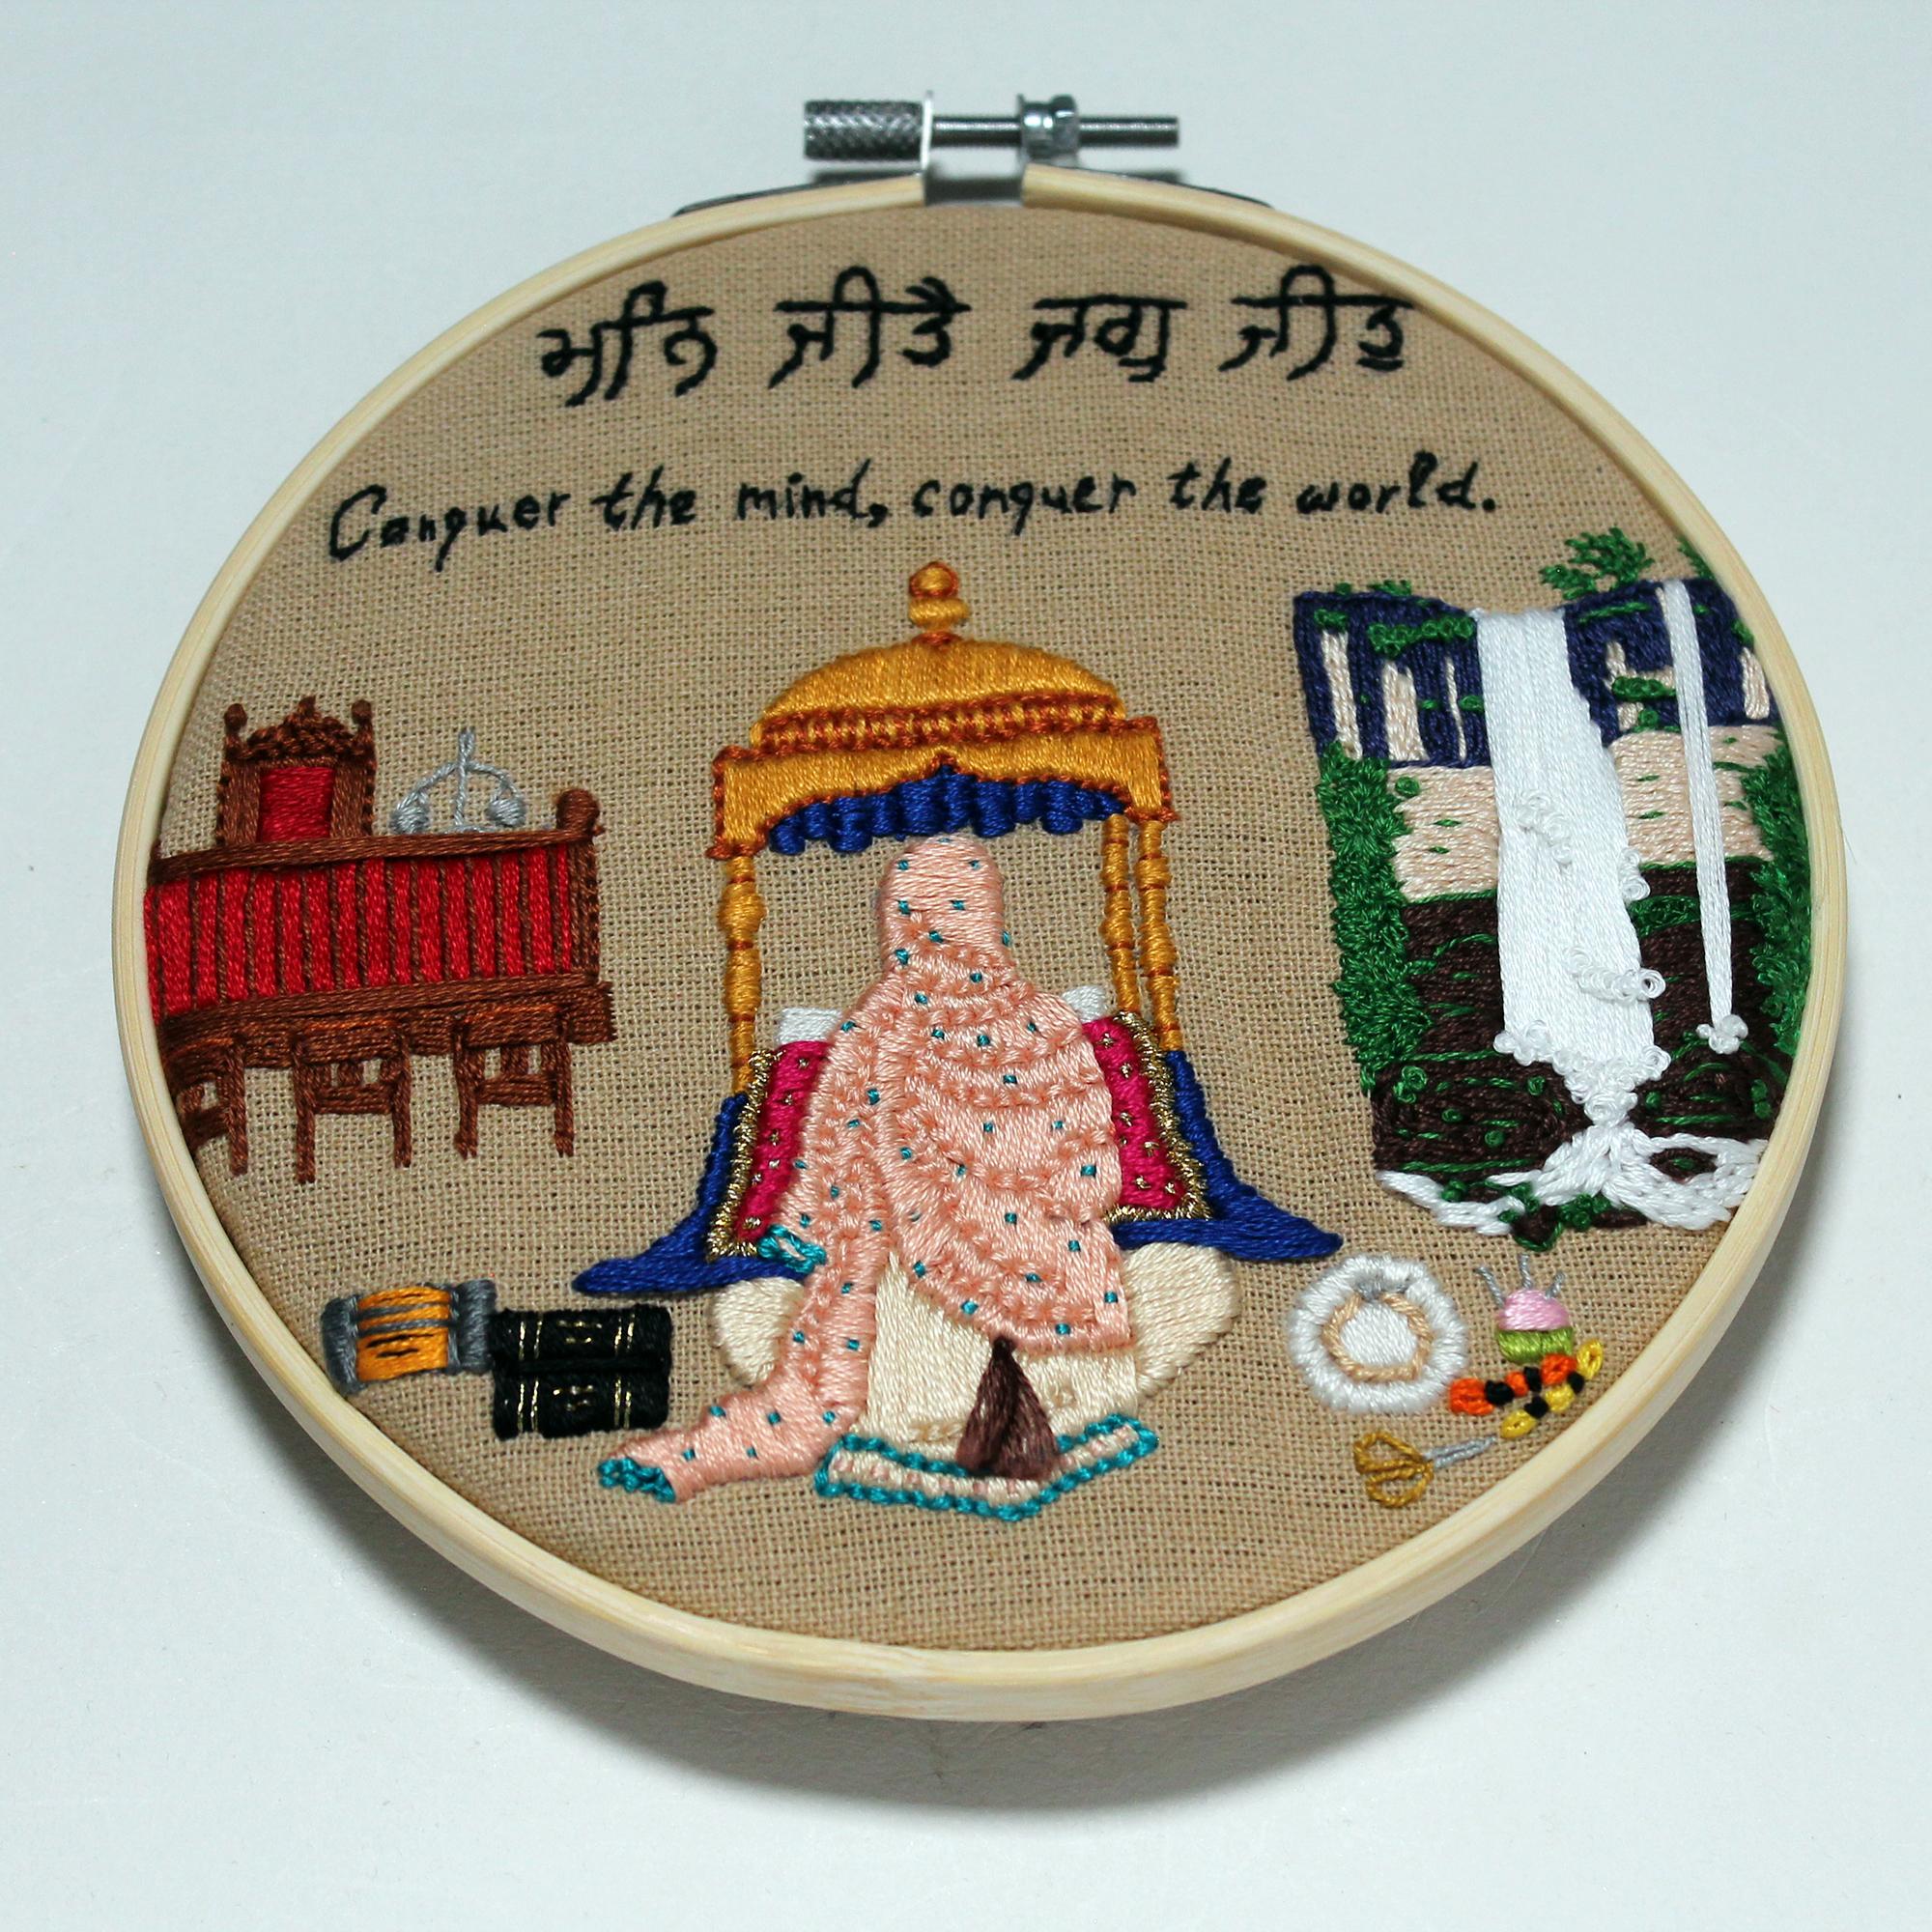 Parvinder Kaur - #stitchyourstory